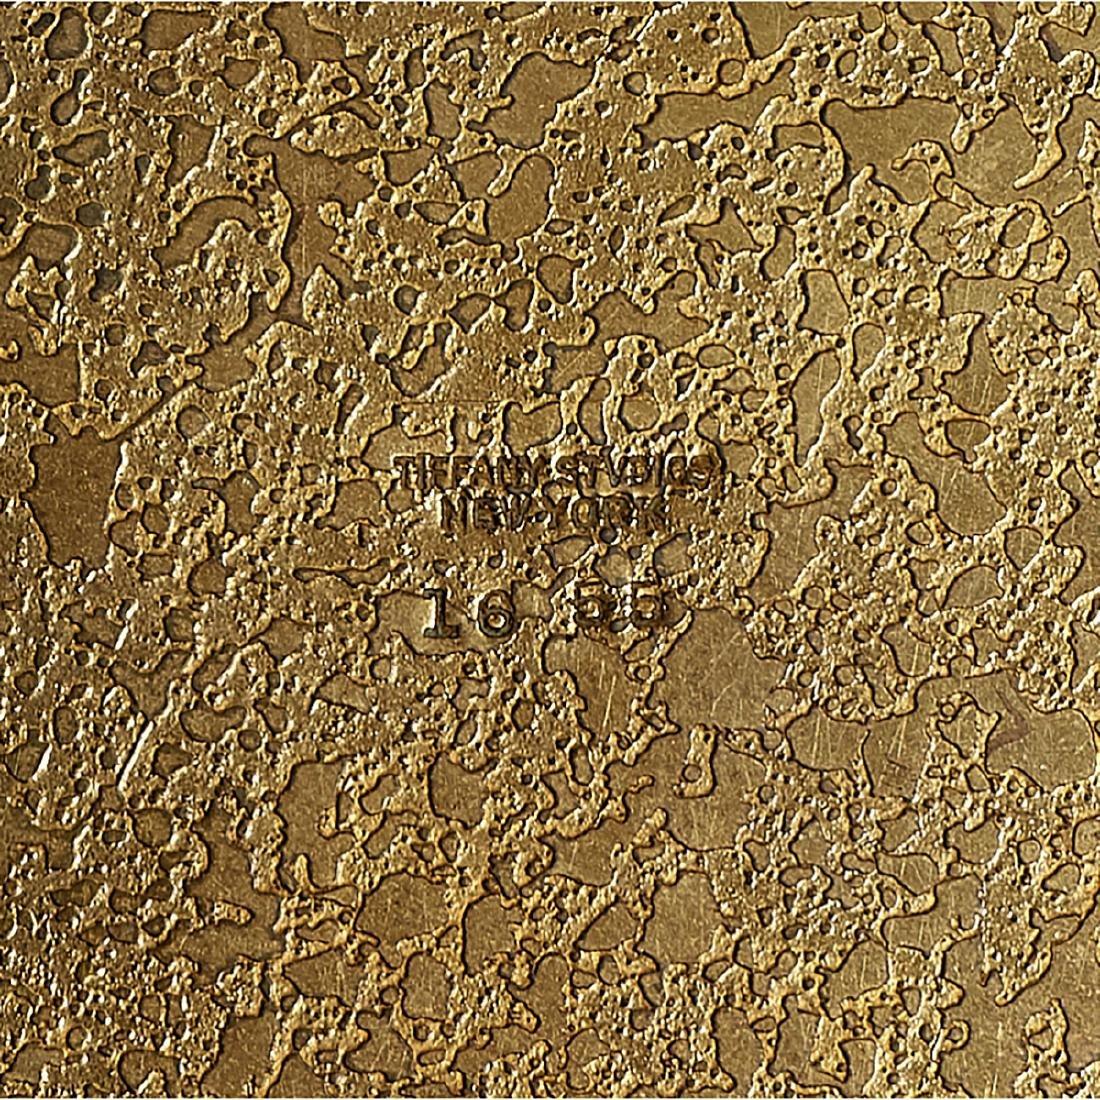 Tiffany Studios, Zodiac Humidor, #1655 - 3